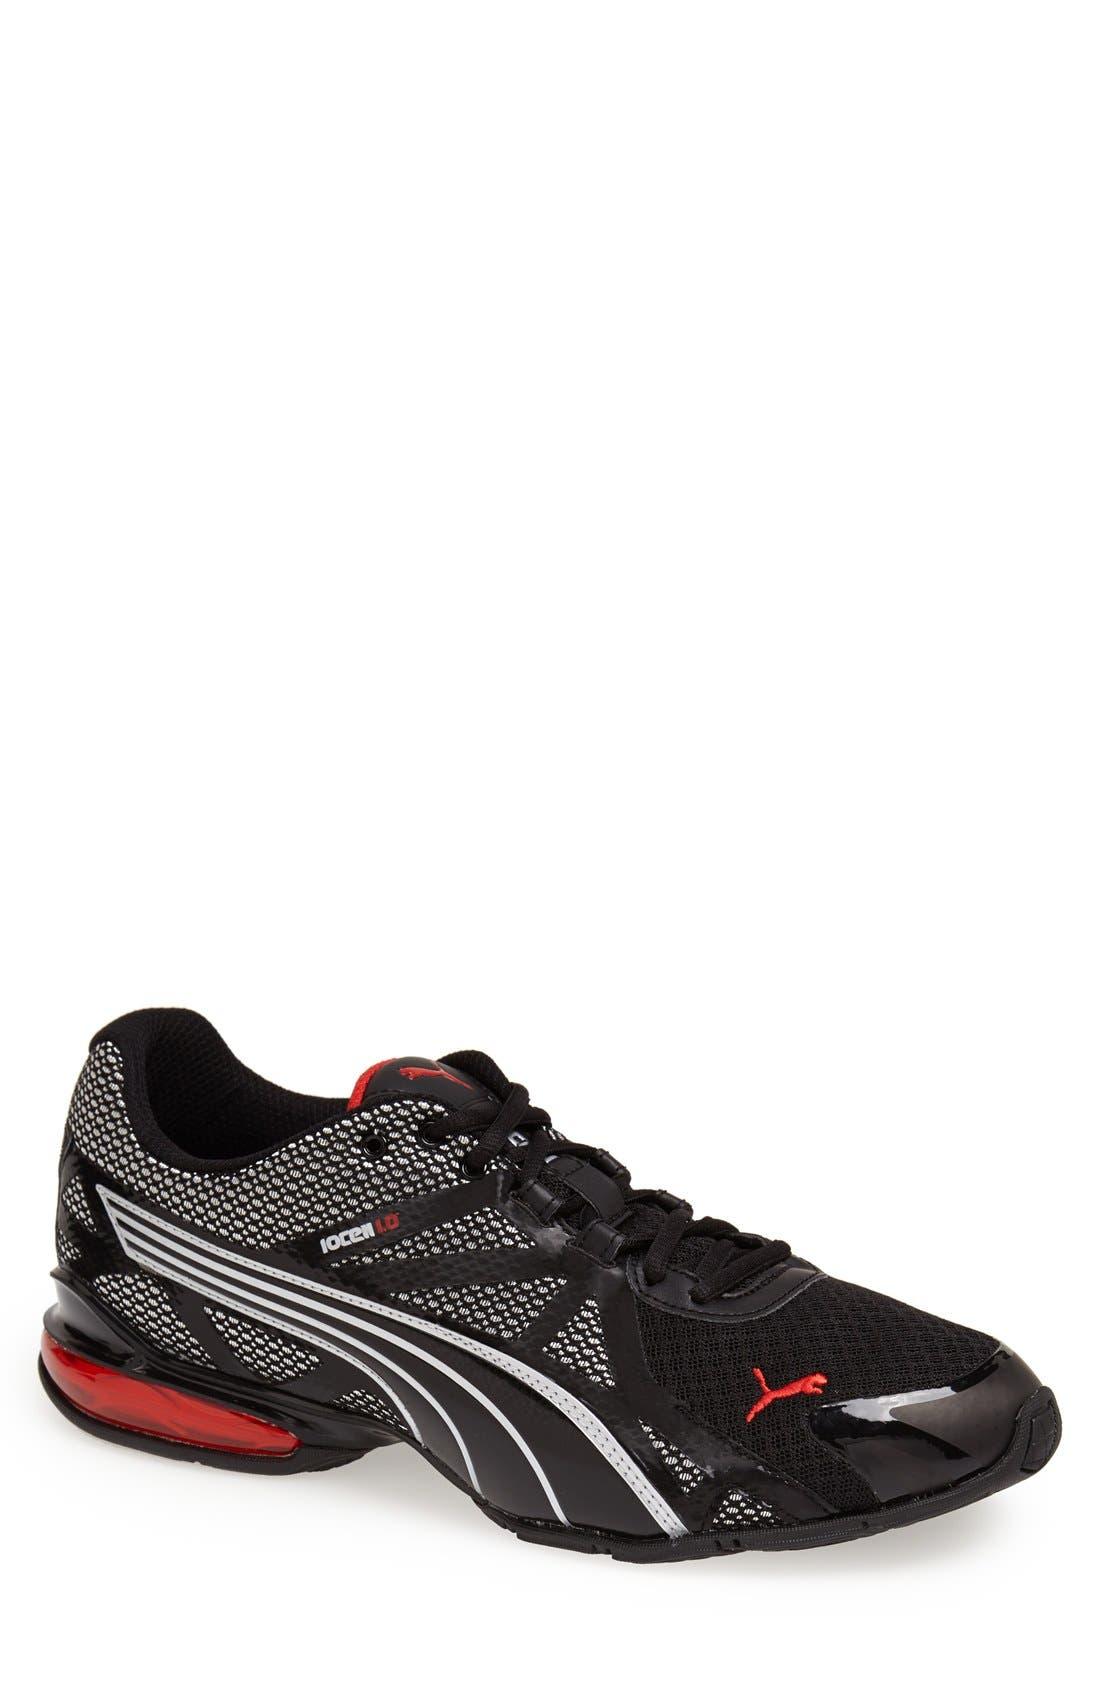 PUMA 'Voltaic 5' Running Shoe, Main, color, 001